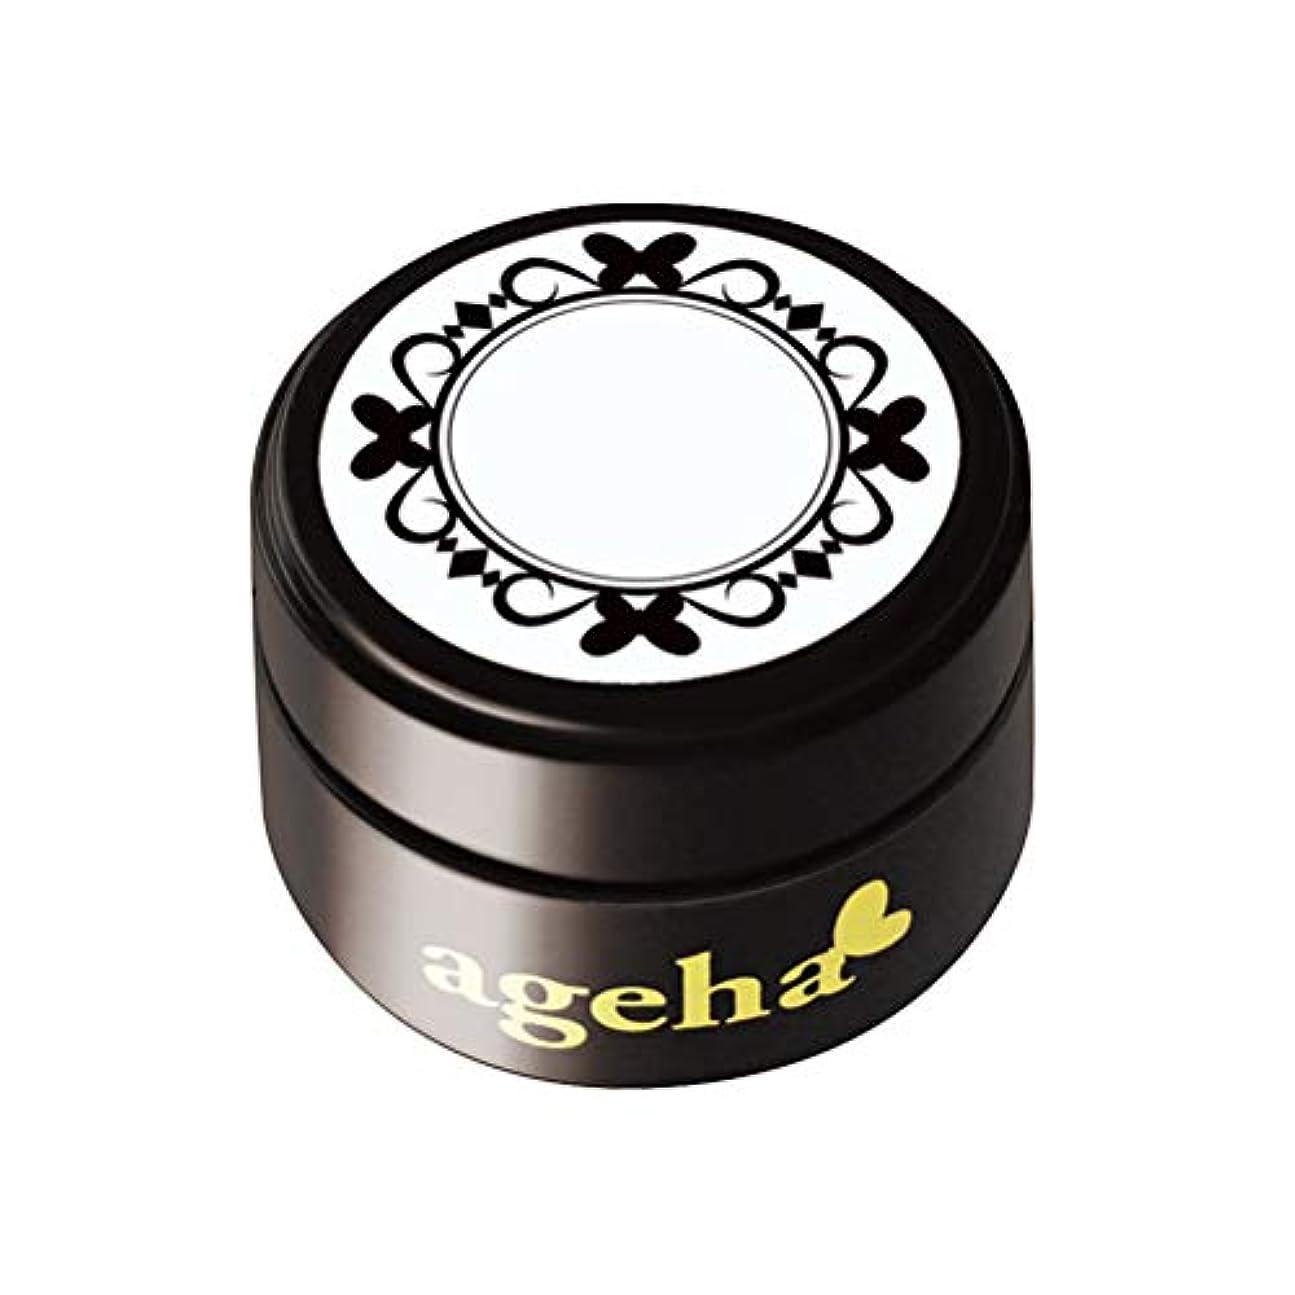 幻滅する残基有効なagehagel(アゲハジェル) ageha コスメカラー 139 ライチG?MIX 2.7g UV/LED対応 ジェルネイル